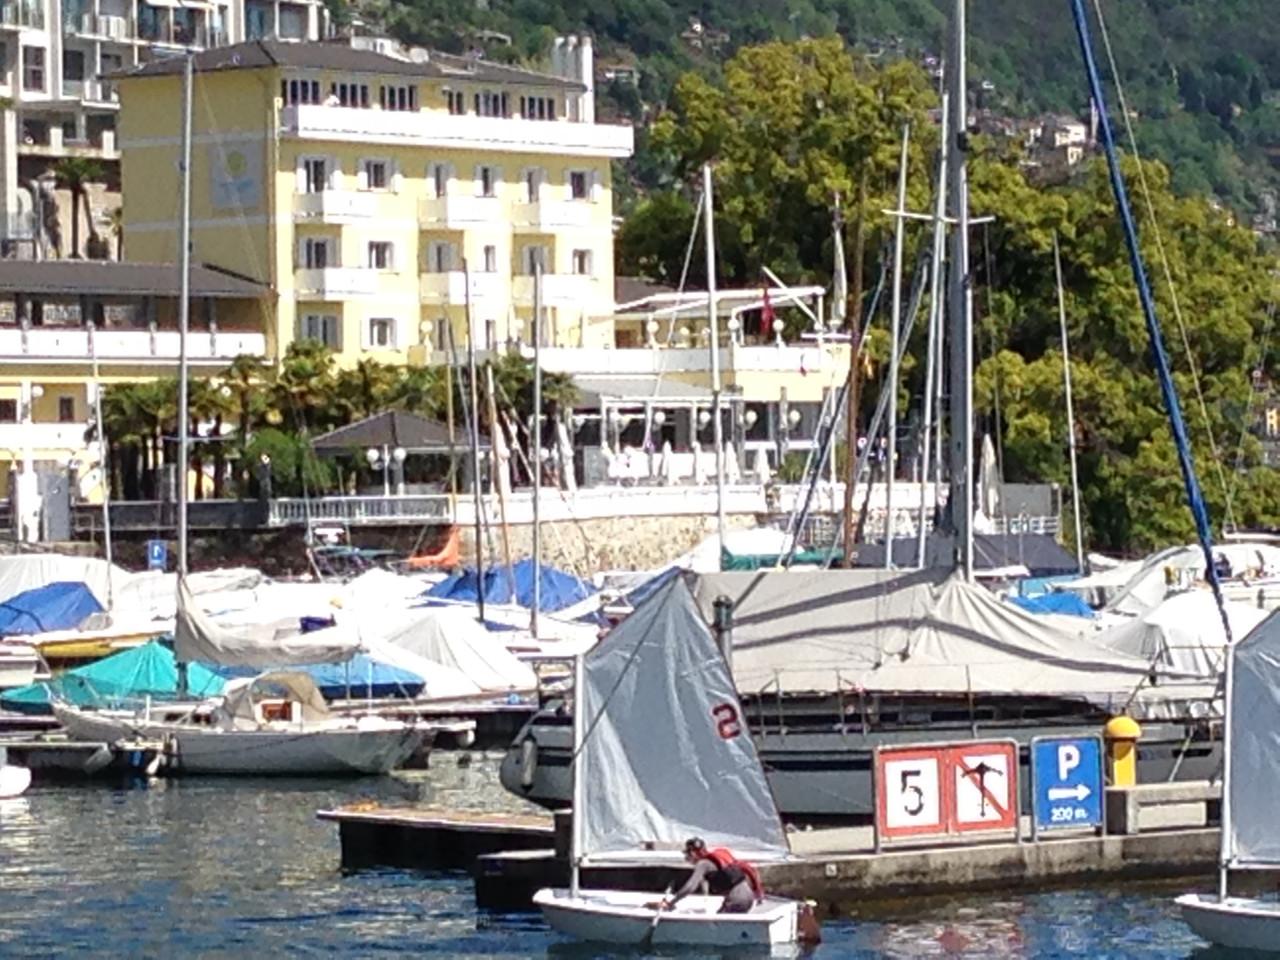 Yachtsport resort sintesi italiana for Cabine dell hotel di yellowstone del lago